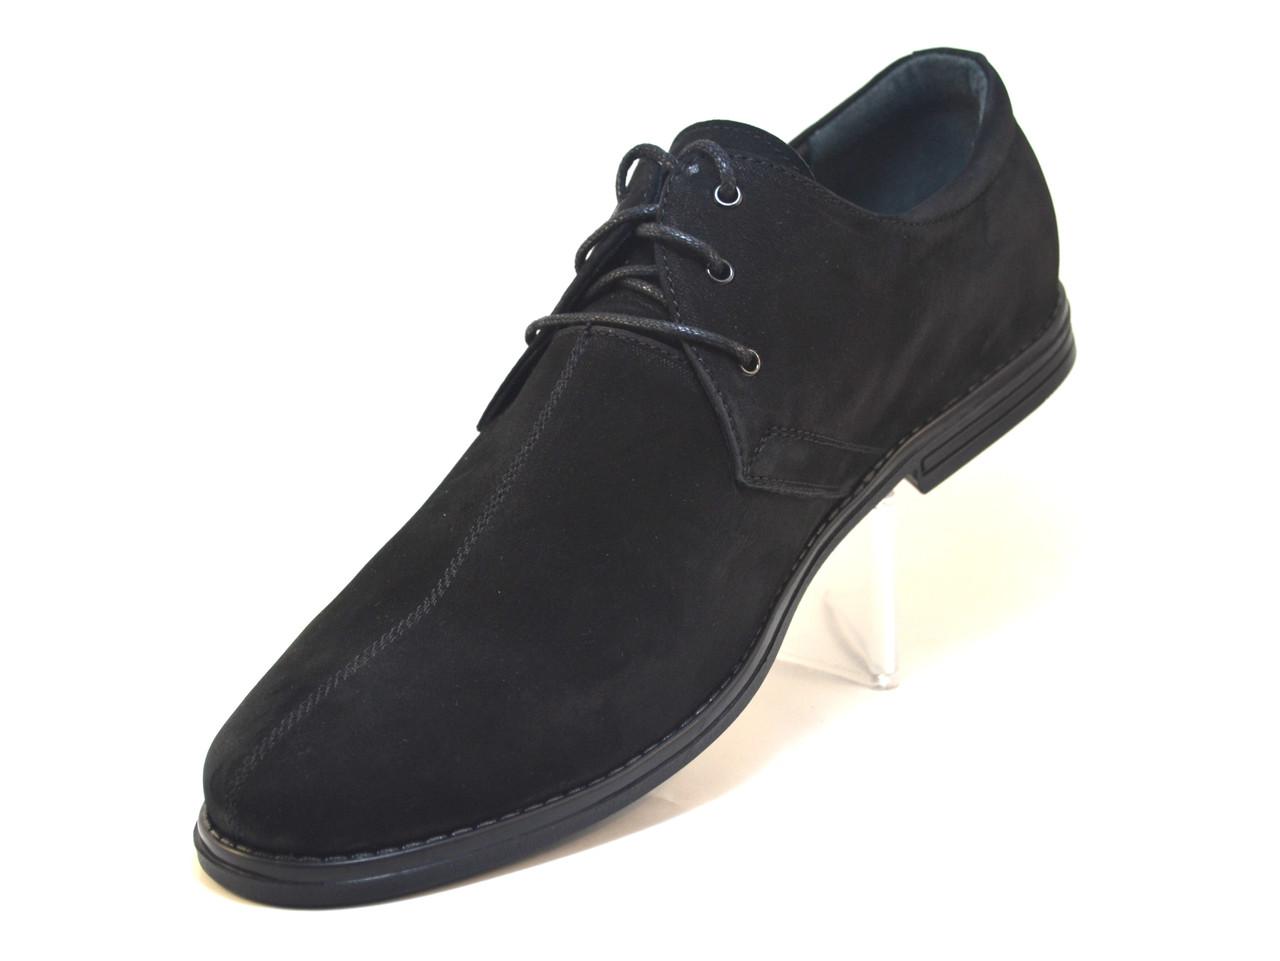 e6389863c Обувь большой размер мужской. Туфли кожаные нубук Rosso Avangard Carlo  Attraente Сamoscio Nero NUB, ...